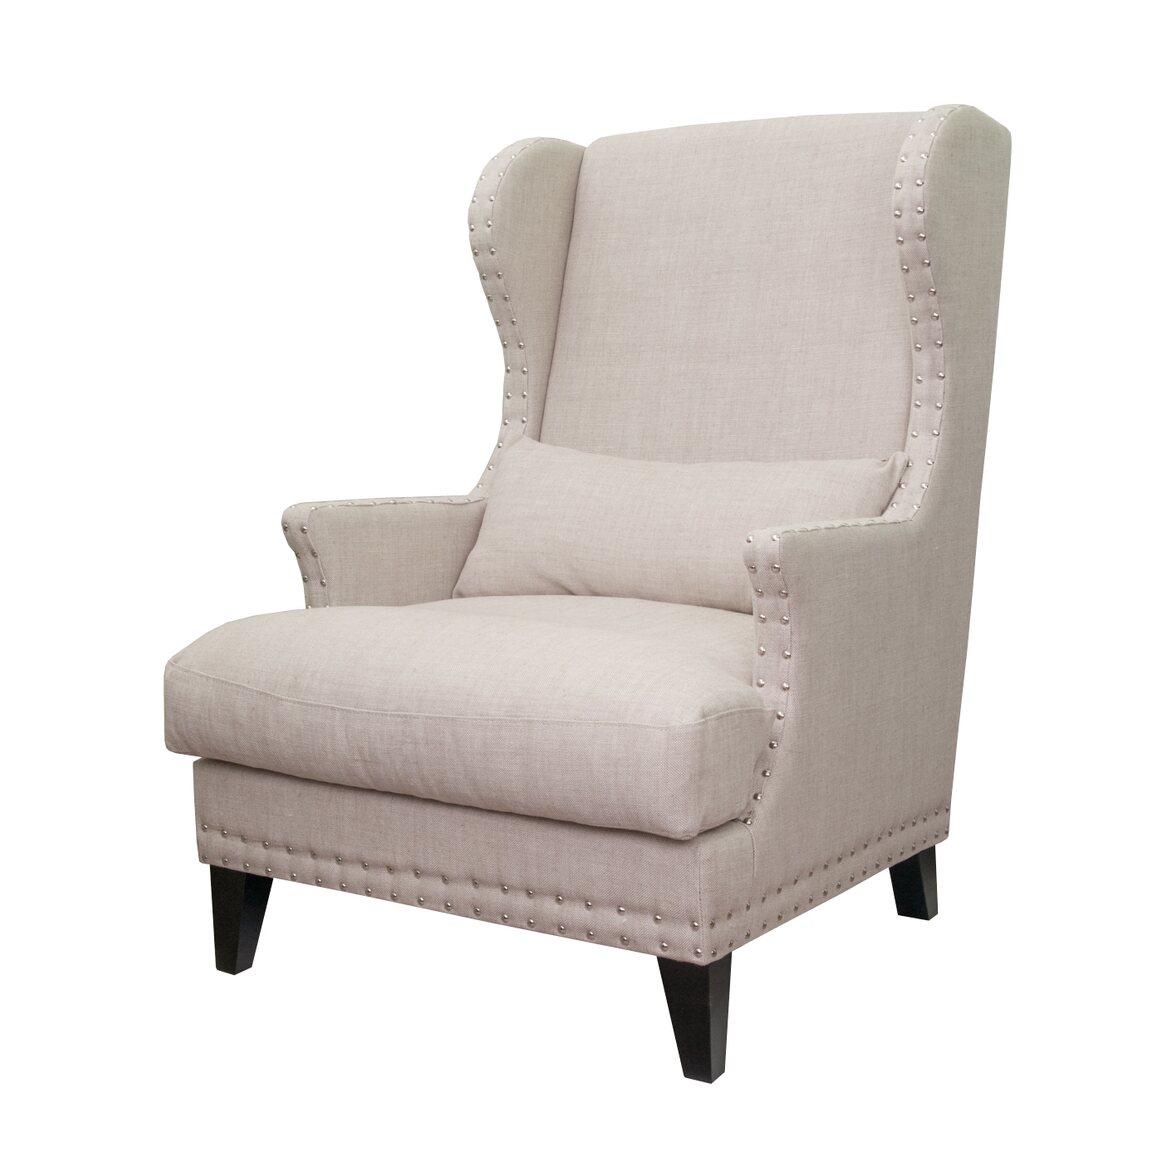 Полукресло Agon beige 4 | Каминные кресла Kingsby